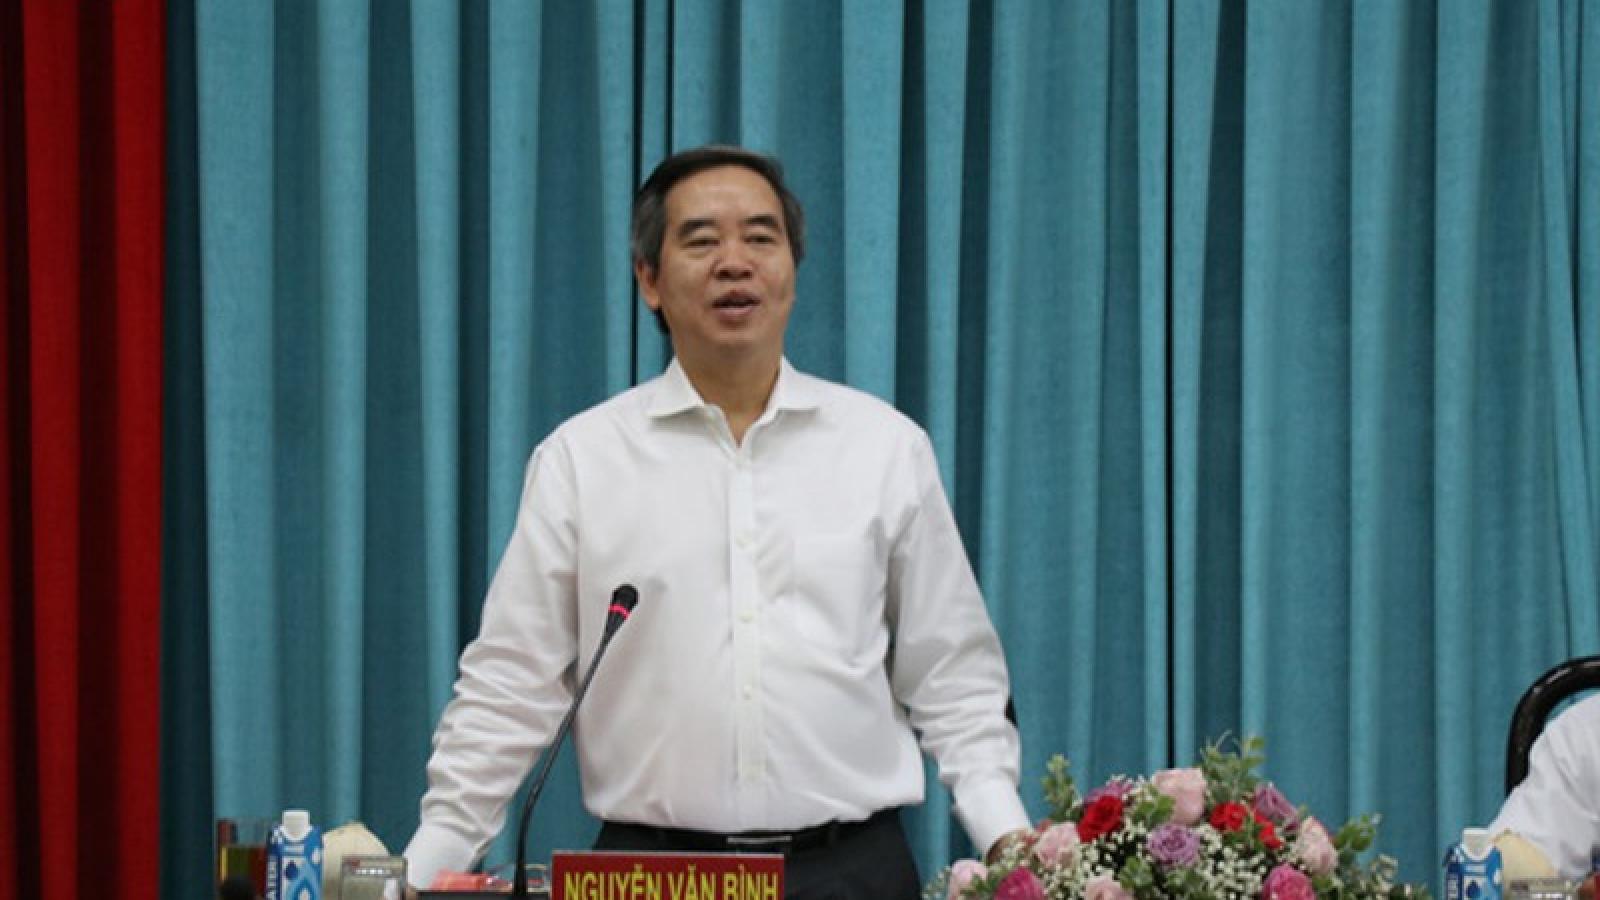 Trưởng Ban Kinh tế Trung ương Nguyễn Văn Bình làm việc tại Tỉnh ủy Bến Tre